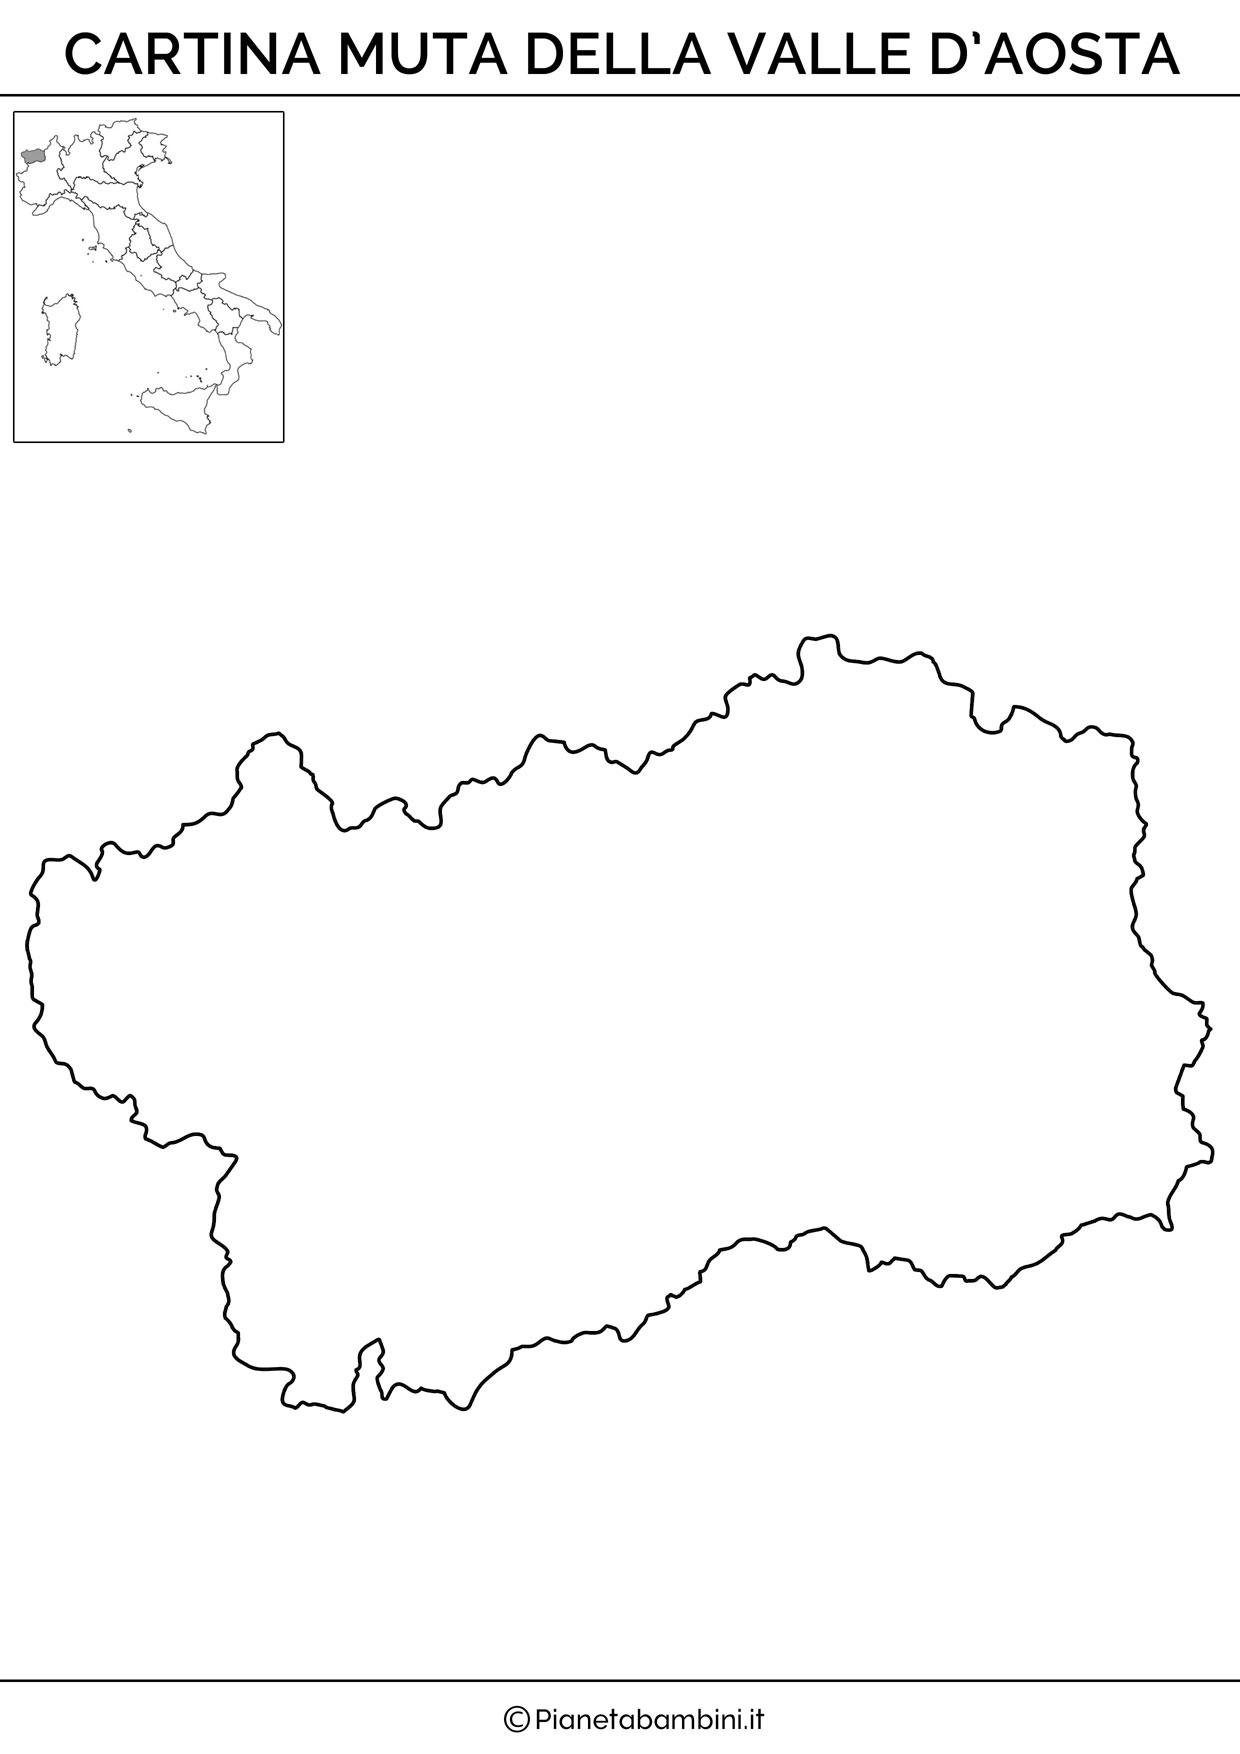 Cartina muta della Valle D'Aosta da stampare gratis